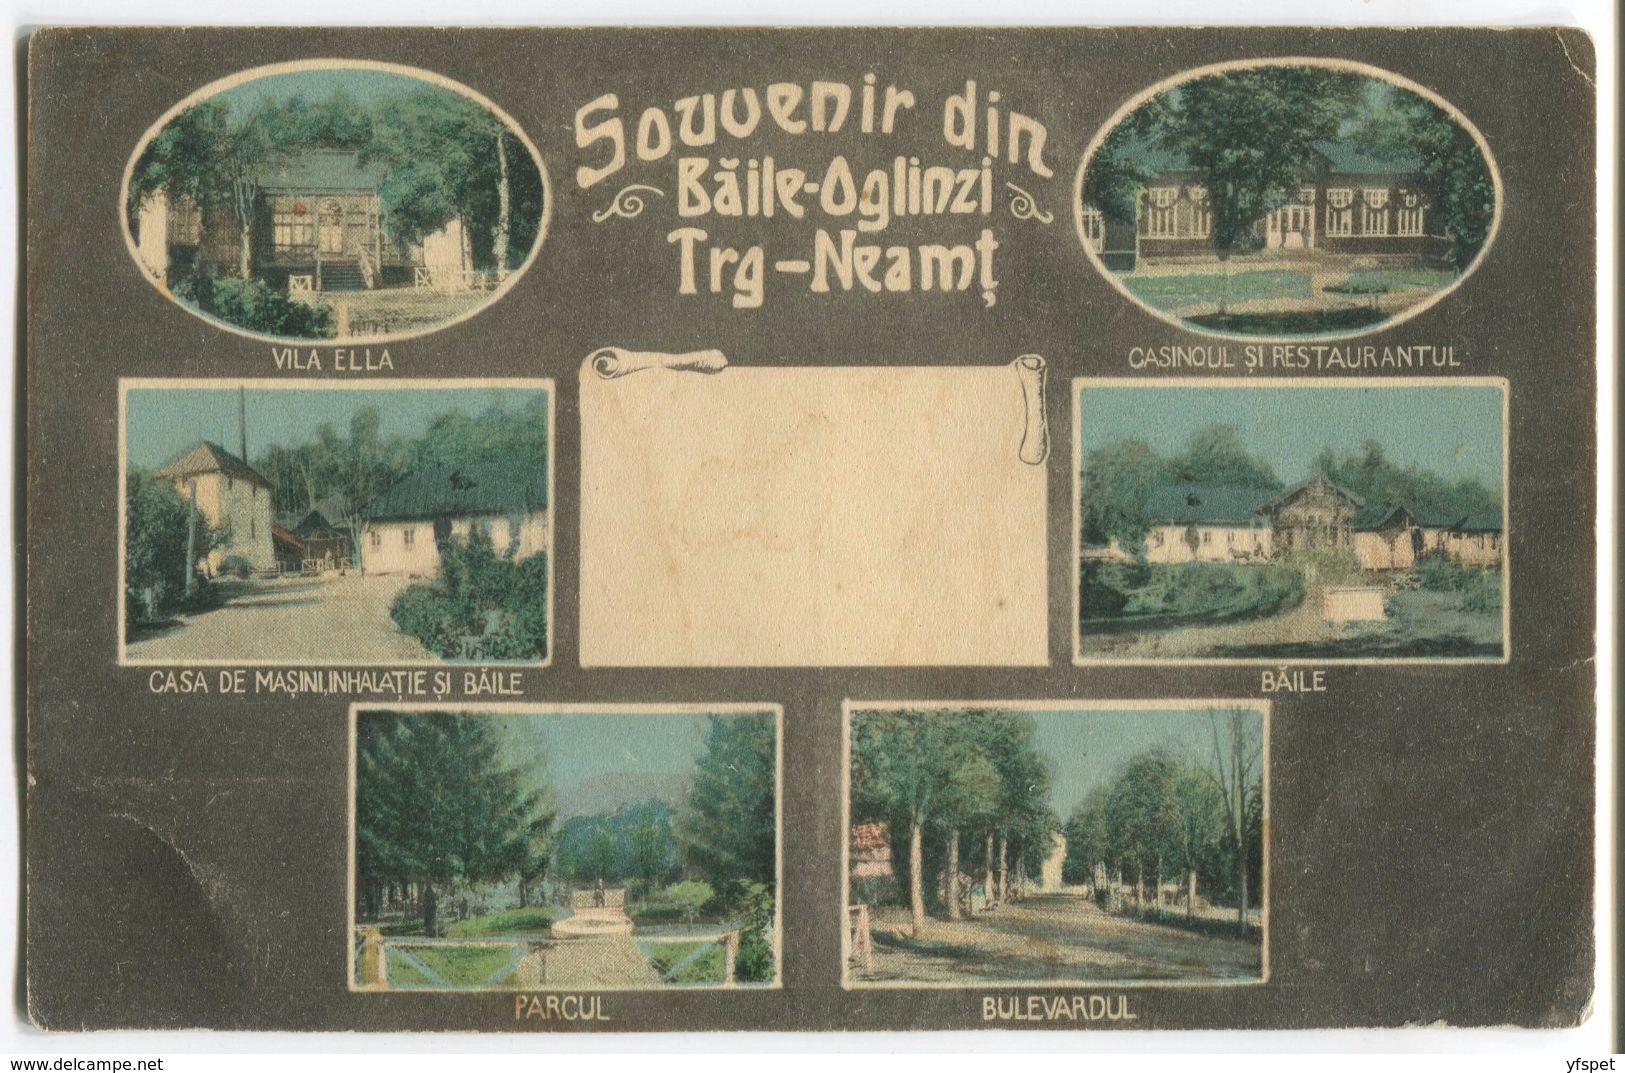 Souvenir From Oglinzi Spa, Tg. Neamt - Romania